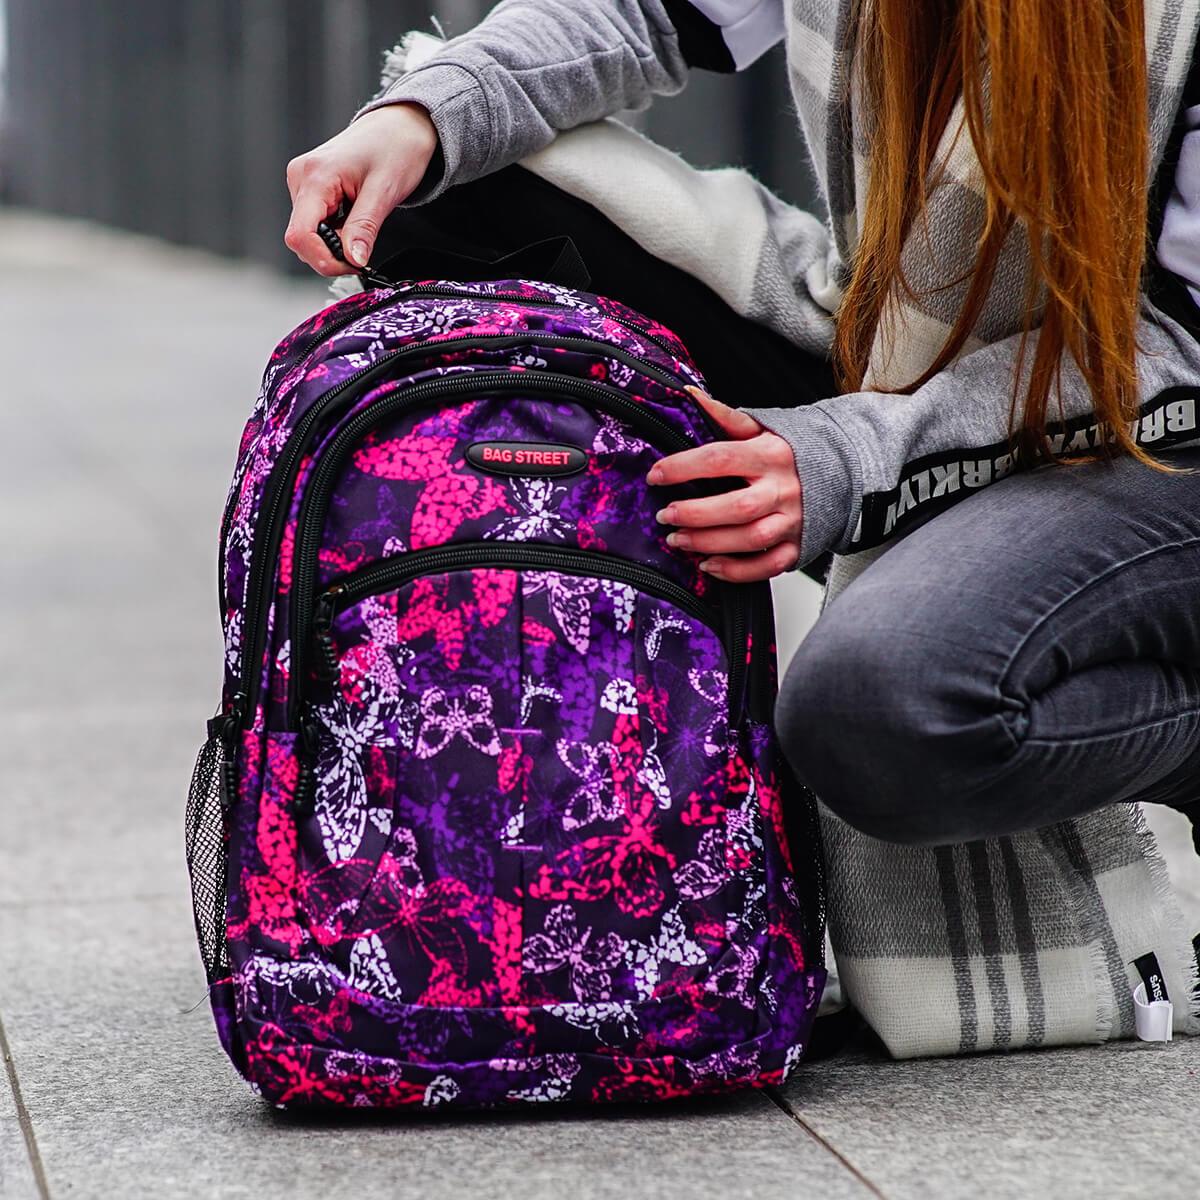 Jaki wybrać plecak szkolny?